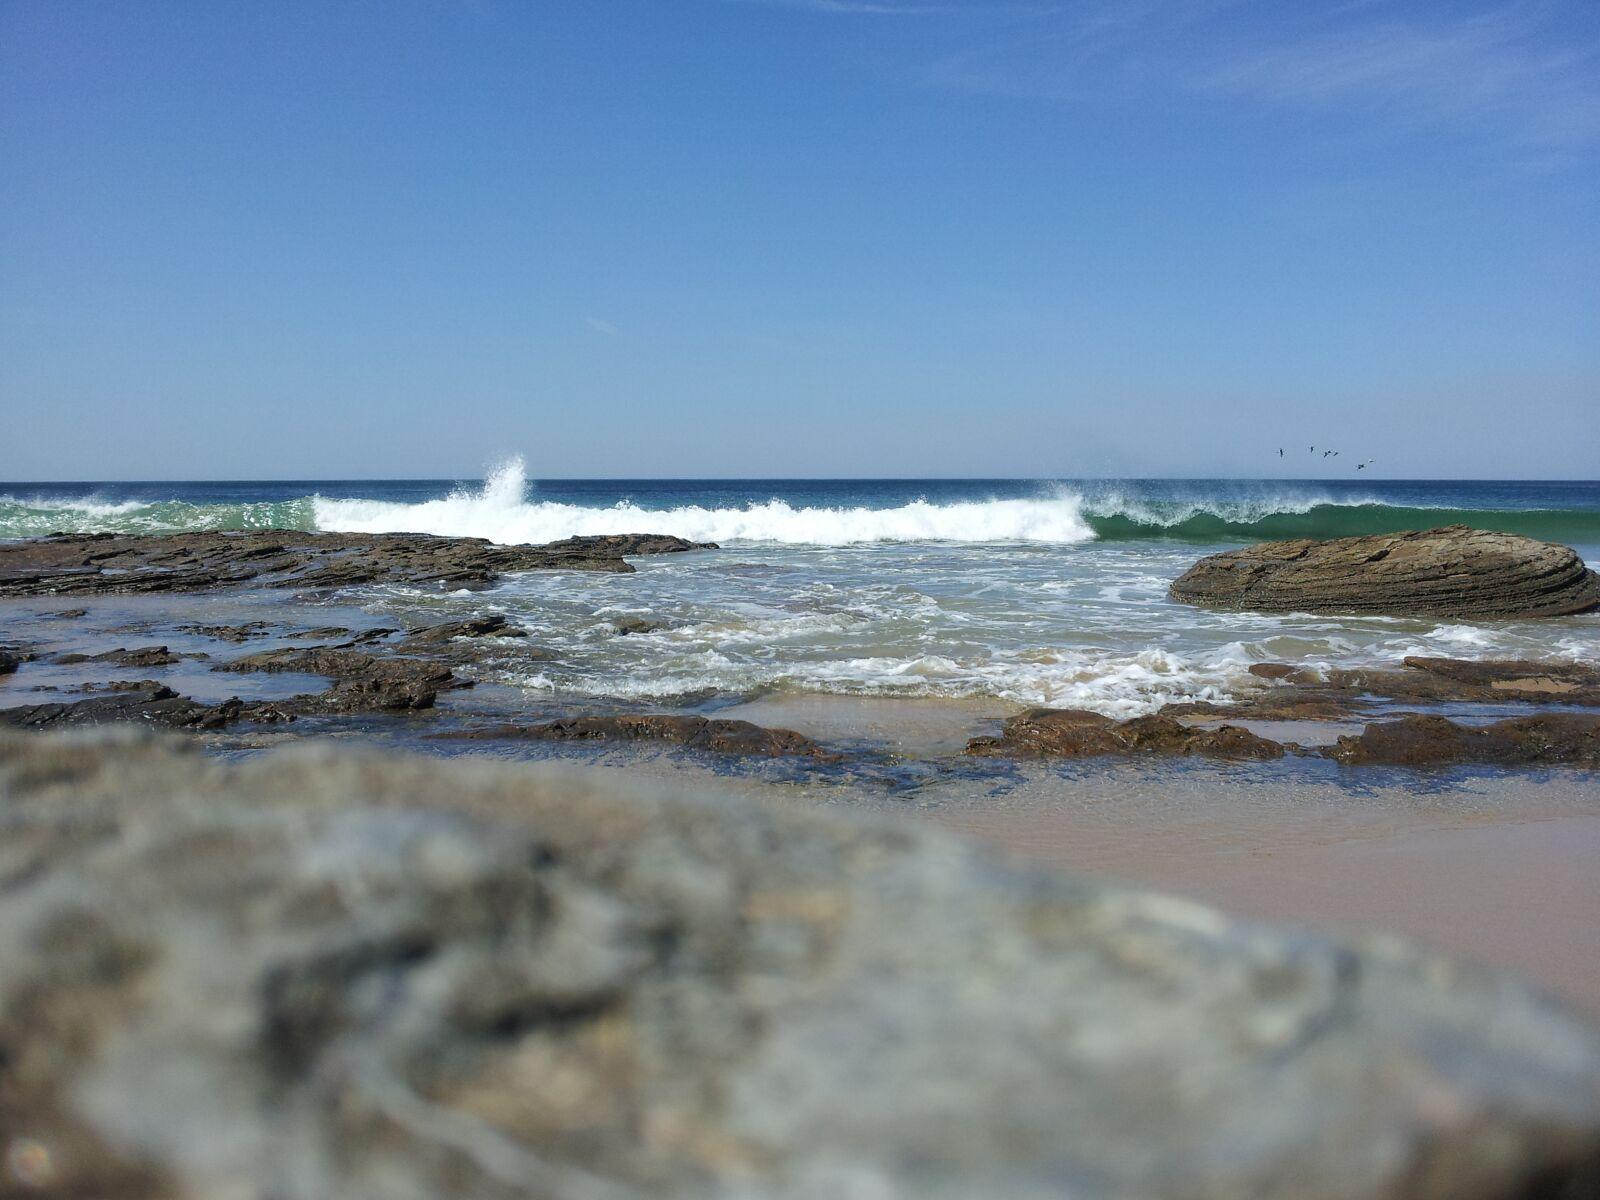 wave, ocean, beach